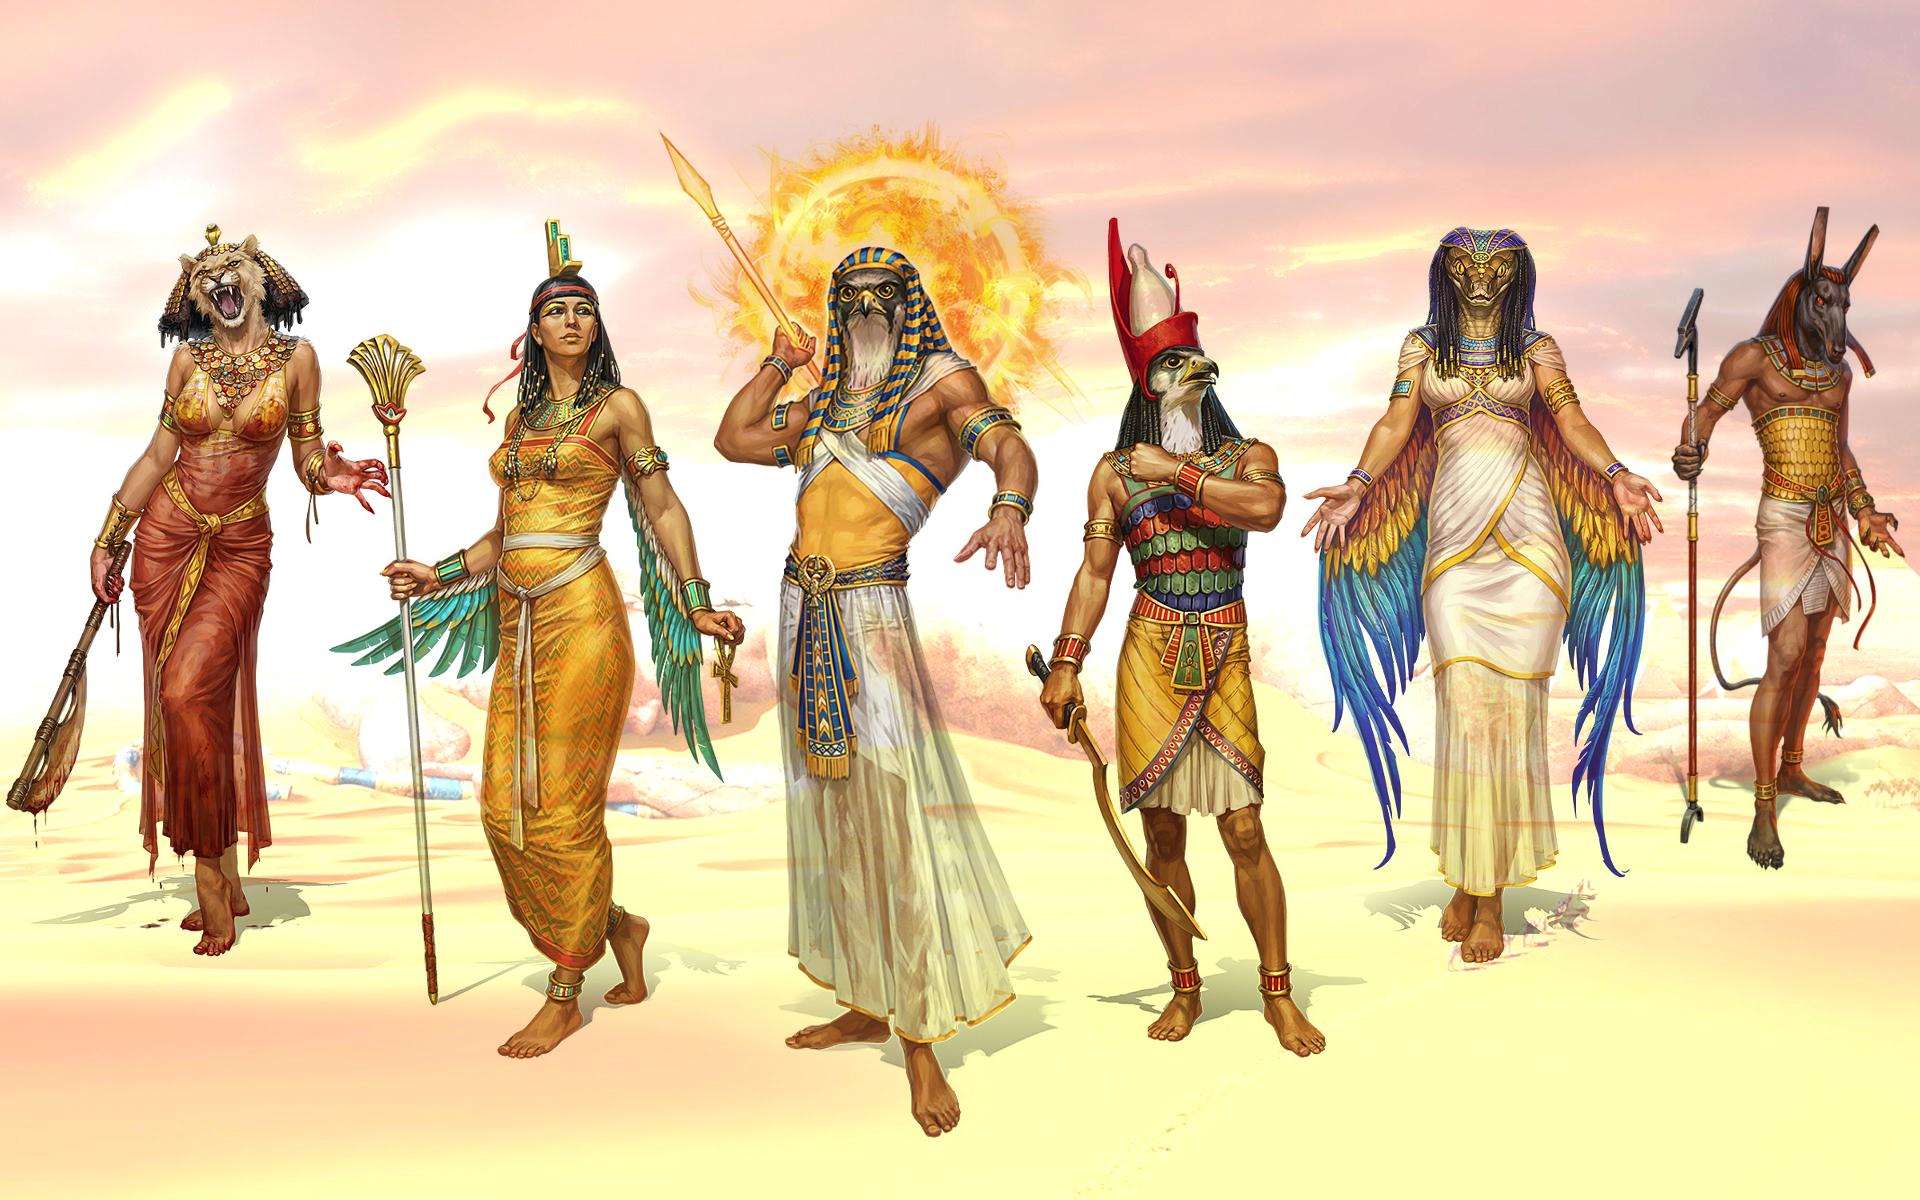 образом, египетская мифология в картинках сообщает, что мвд